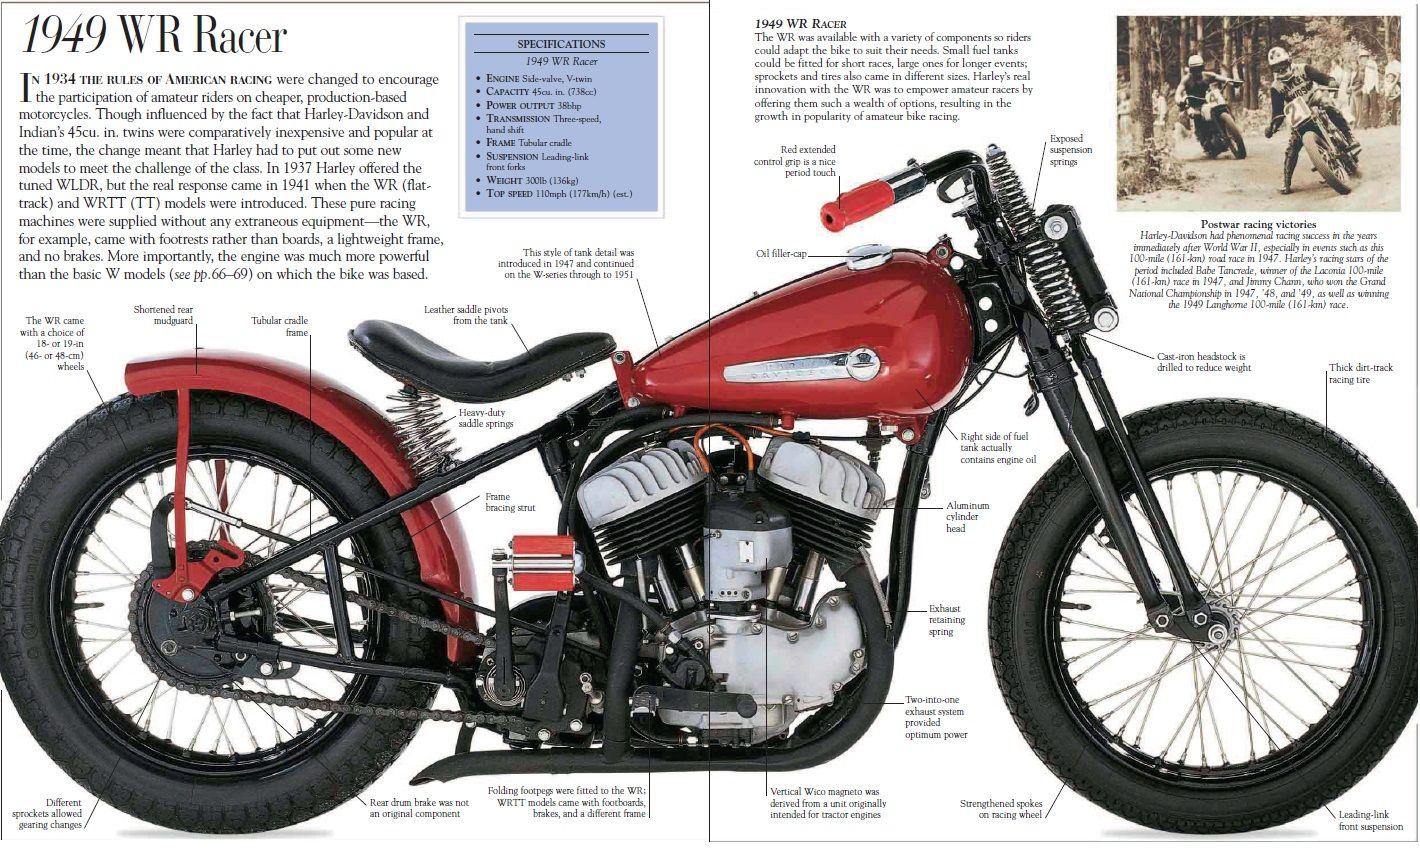 Pin By Sotir Mekshi On Harley Davidson Harley Bikes Harley Davidson Engines Harley Davidson Motorcycles